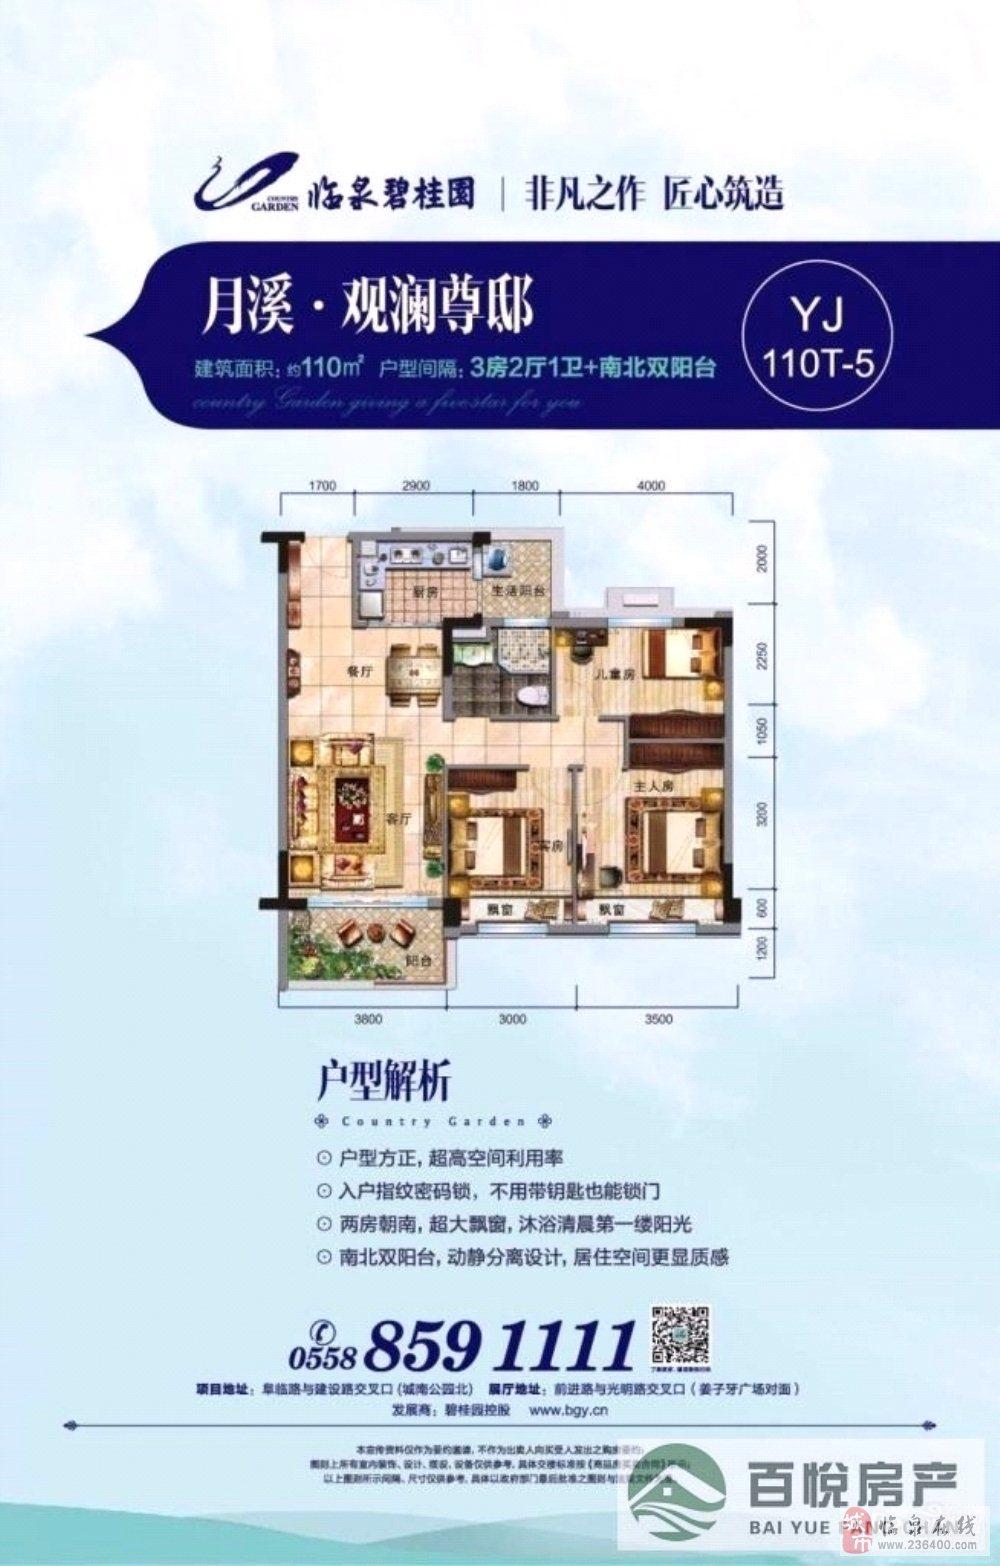 临泉碧桂园3室2厅1卫65万元超级优惠